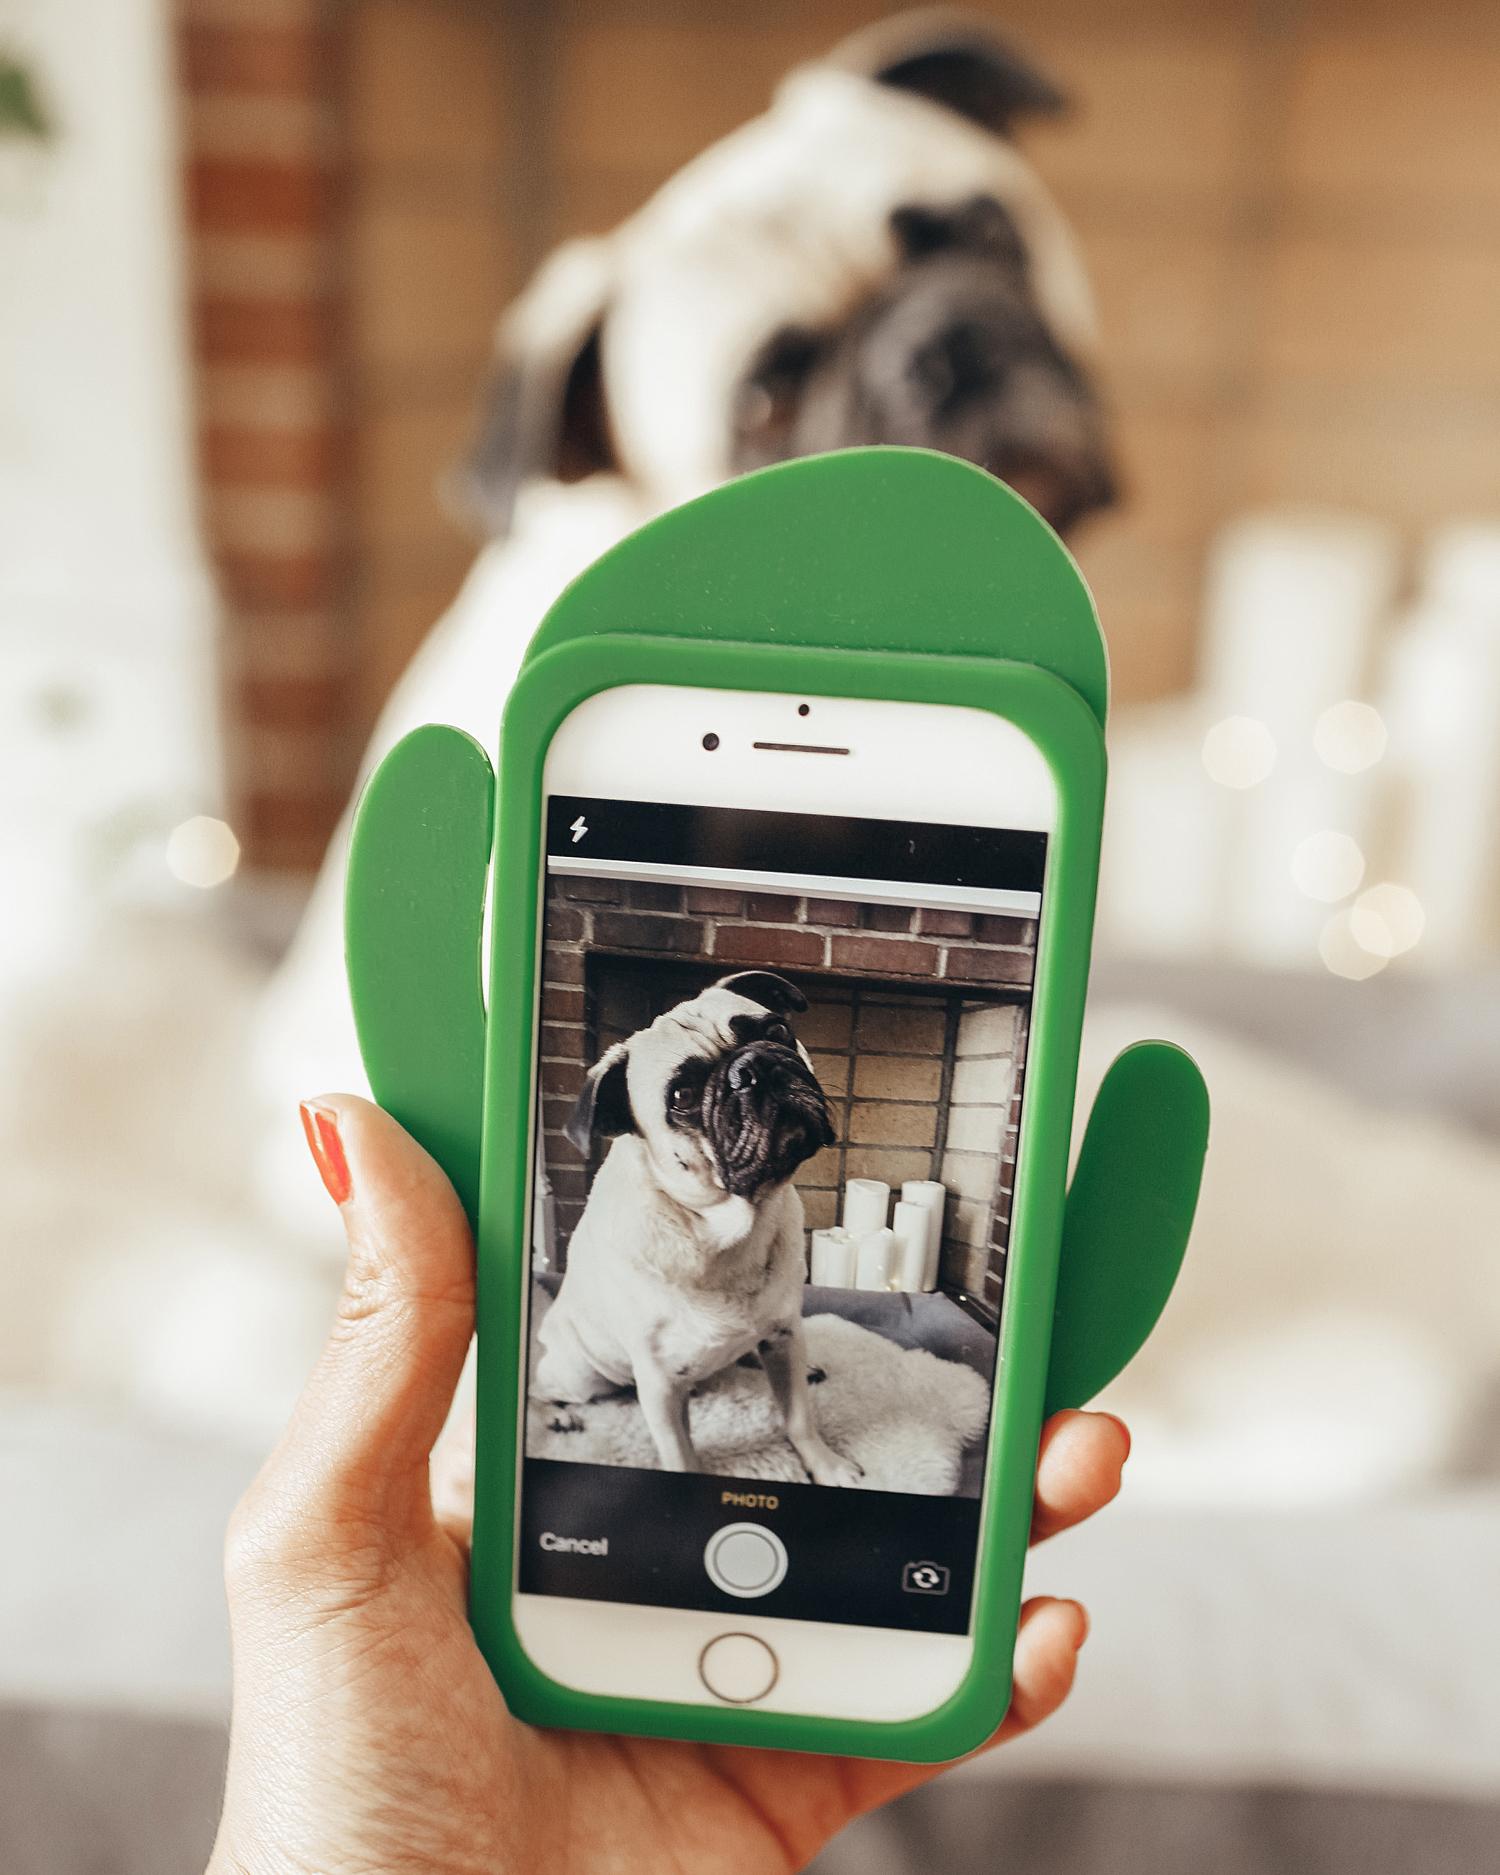 whosmymutter-dogapp-breedrecognitionapp-dogbreedfinder-honeyidressedthepug-influencer-collab-doginfluencer-paidcollab-puglige-dogblog-dogmomblog-dogmom 5.jpg